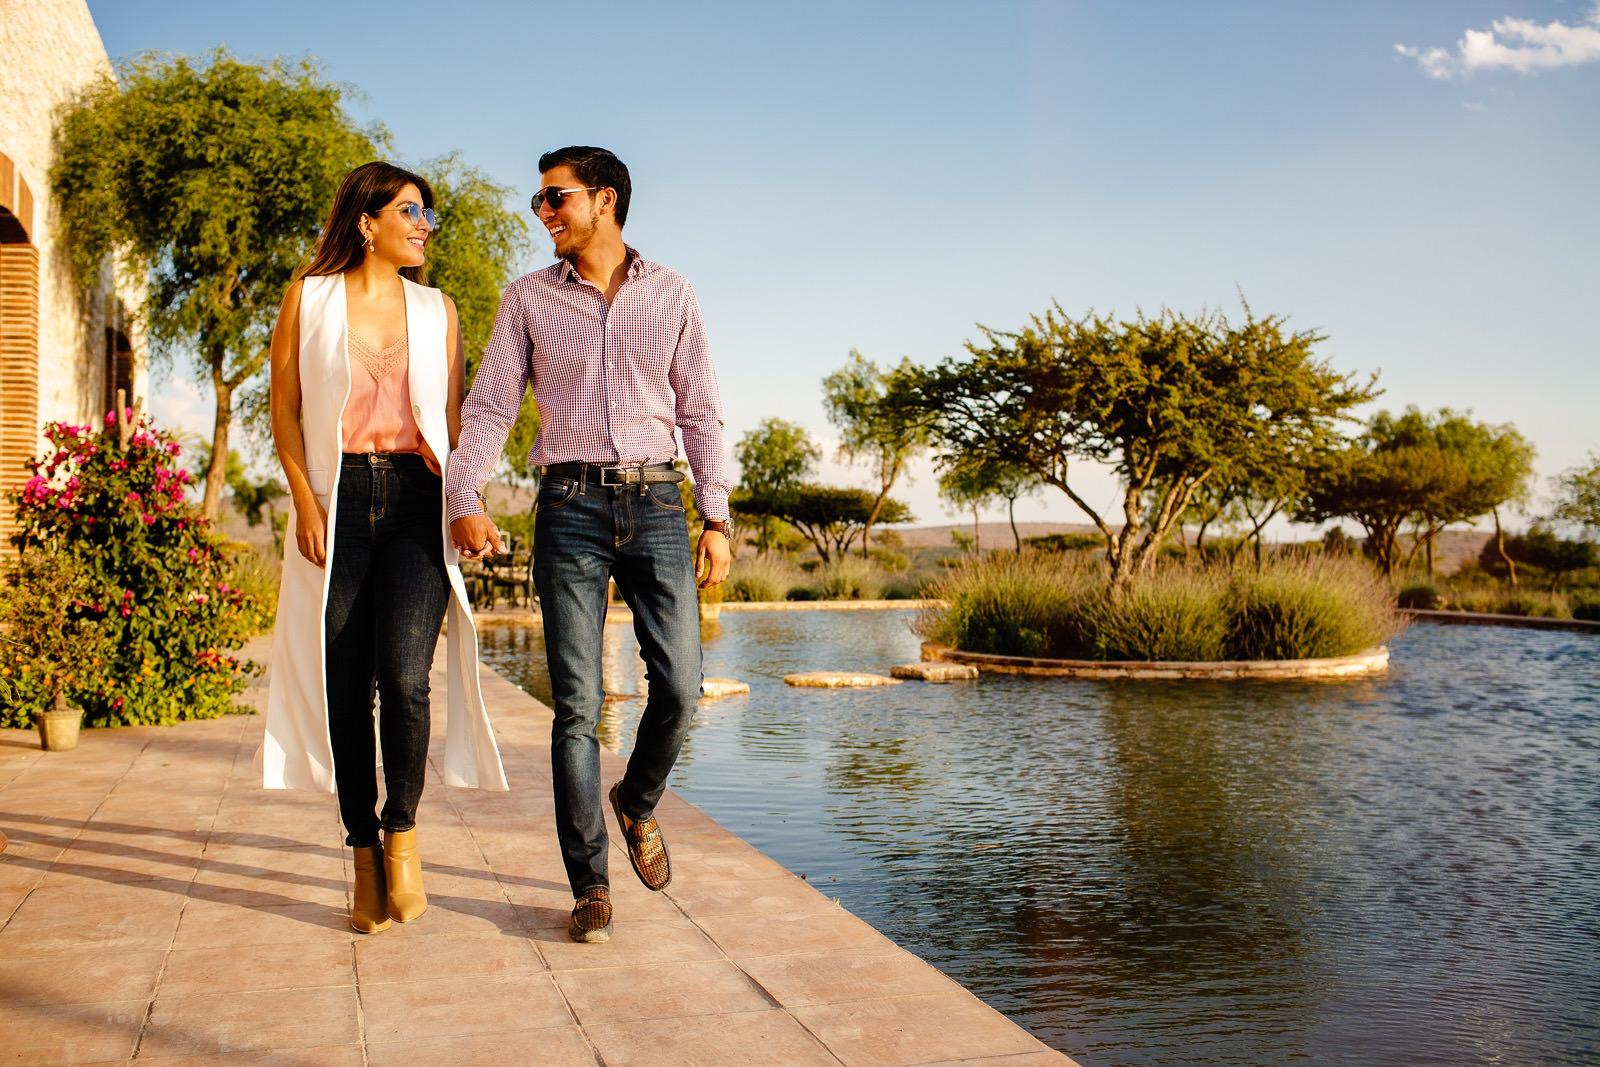 Bajo el transparente cielo azul, recorre sus originales jardines de lavanda, biznagas y cactus. Respira profundo… y escápate al hotel más bonito y tranquilo de Mineral de Pozos.